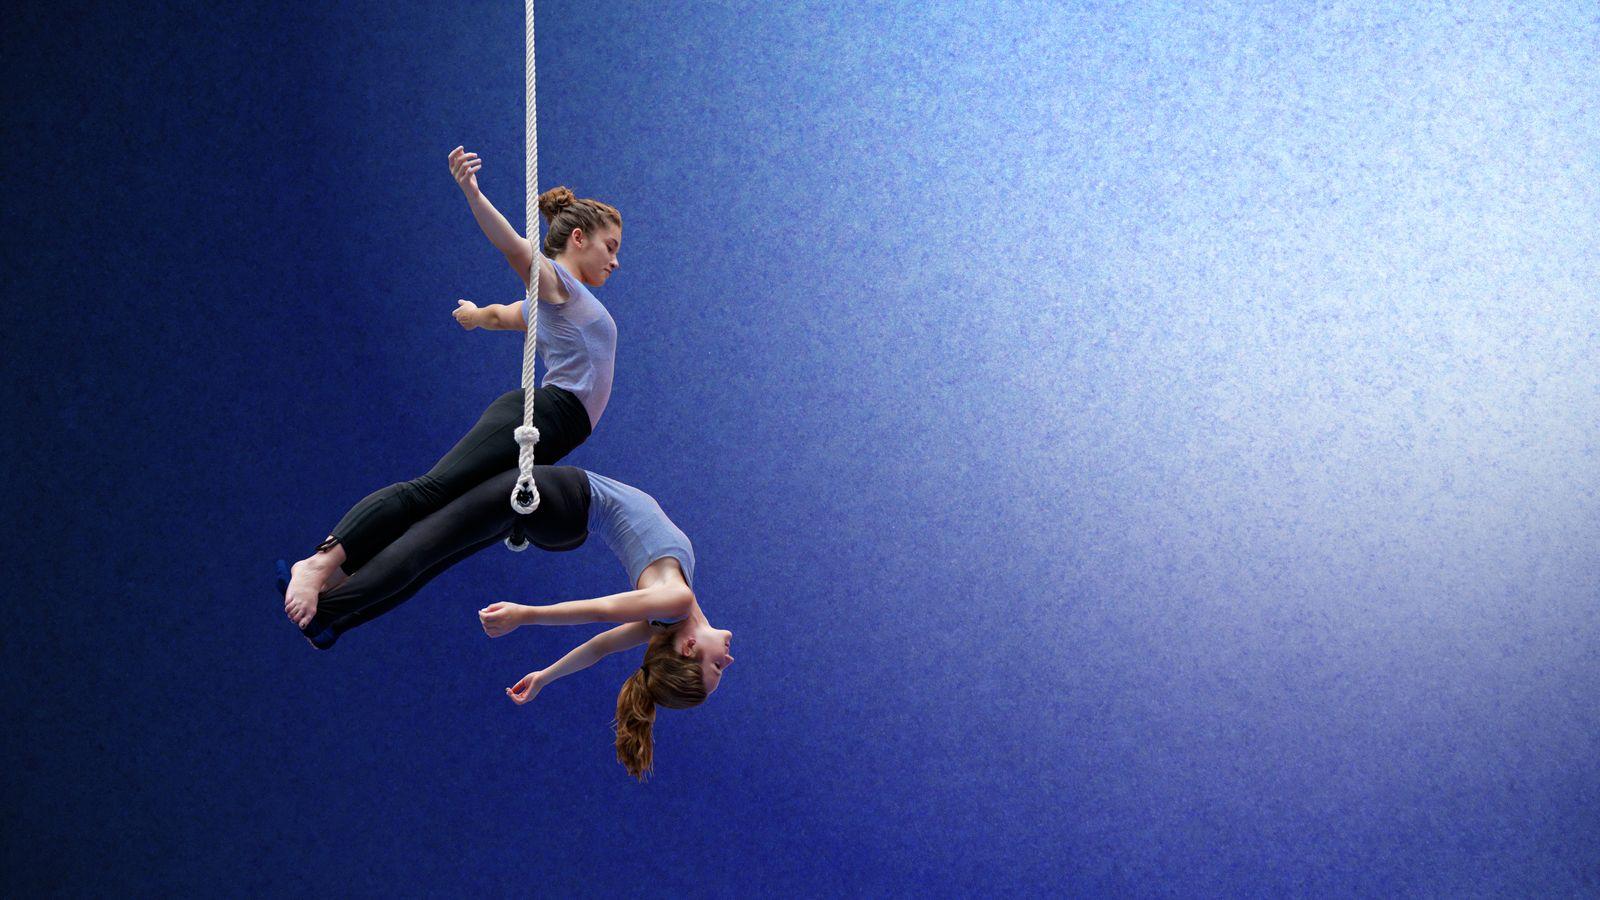 Margot et Marion font du trapèze à deux Overground Circus. Les sœurs qui pratiquent le cirque aérien depuis longtemps, voulaient faire une figure ensemble.